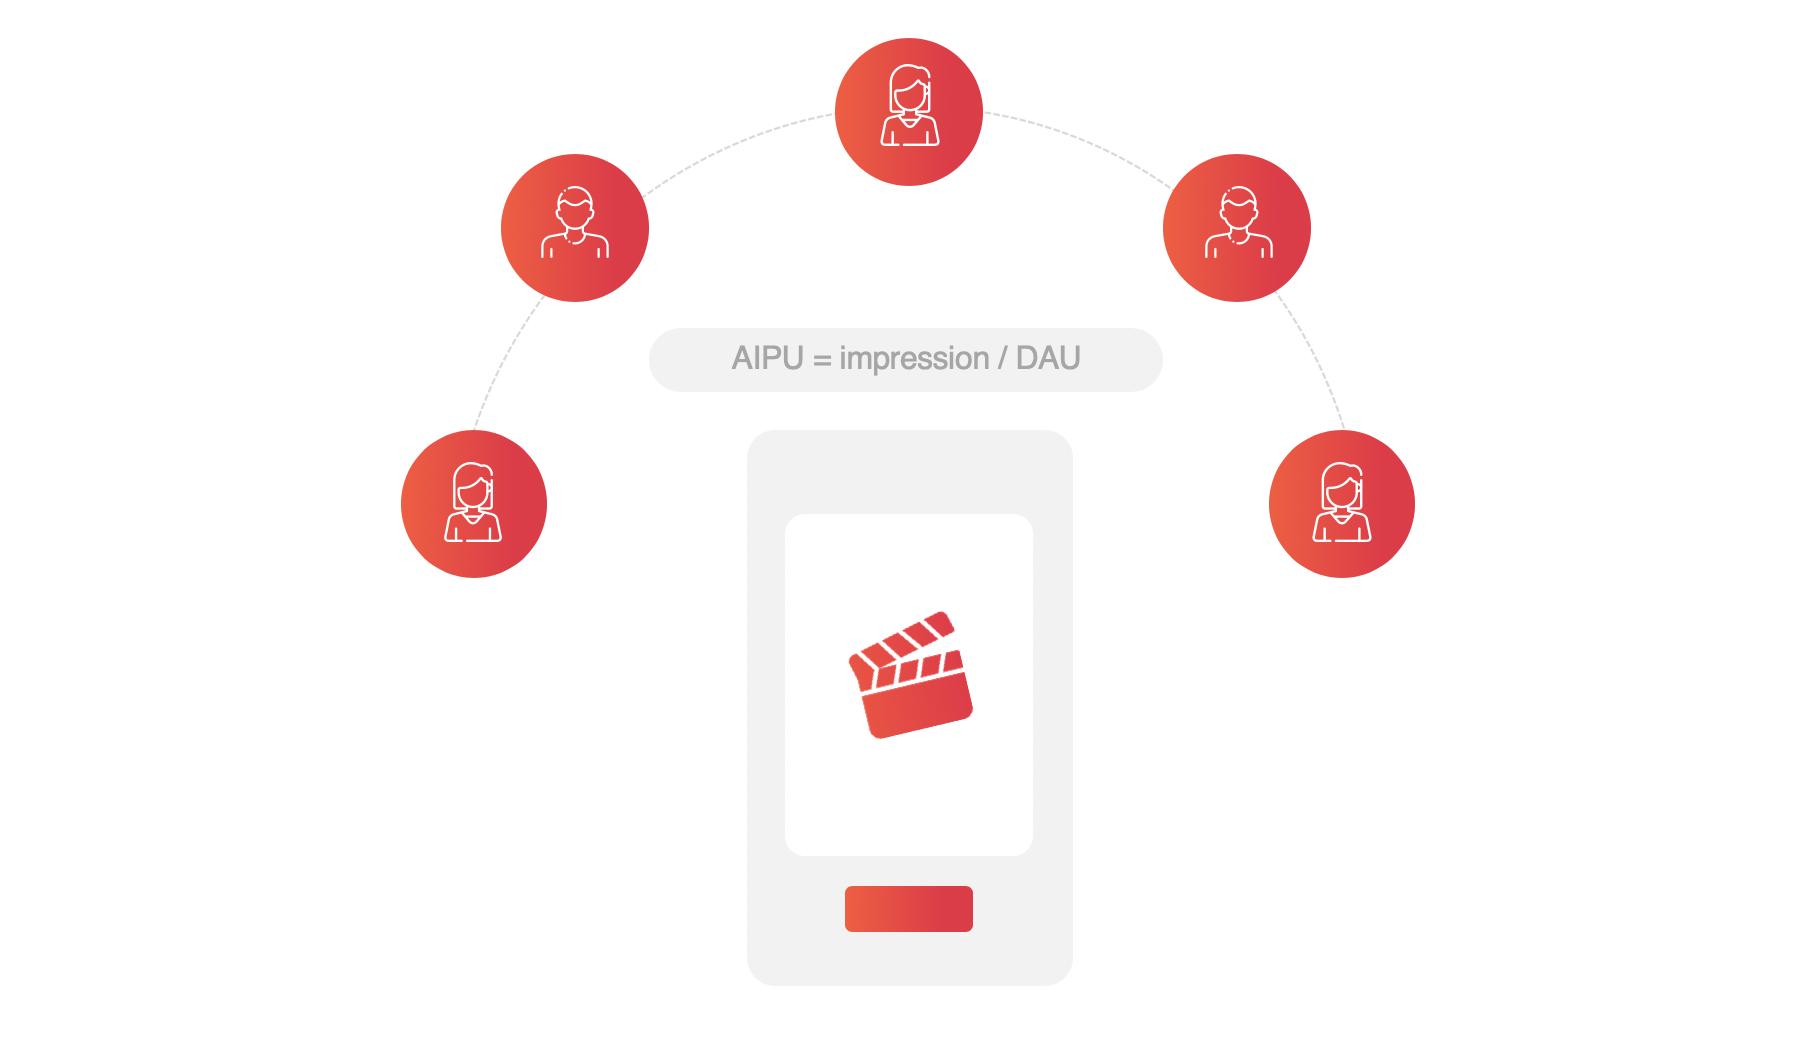 アプリの収益化における共通課題に取り組む方法